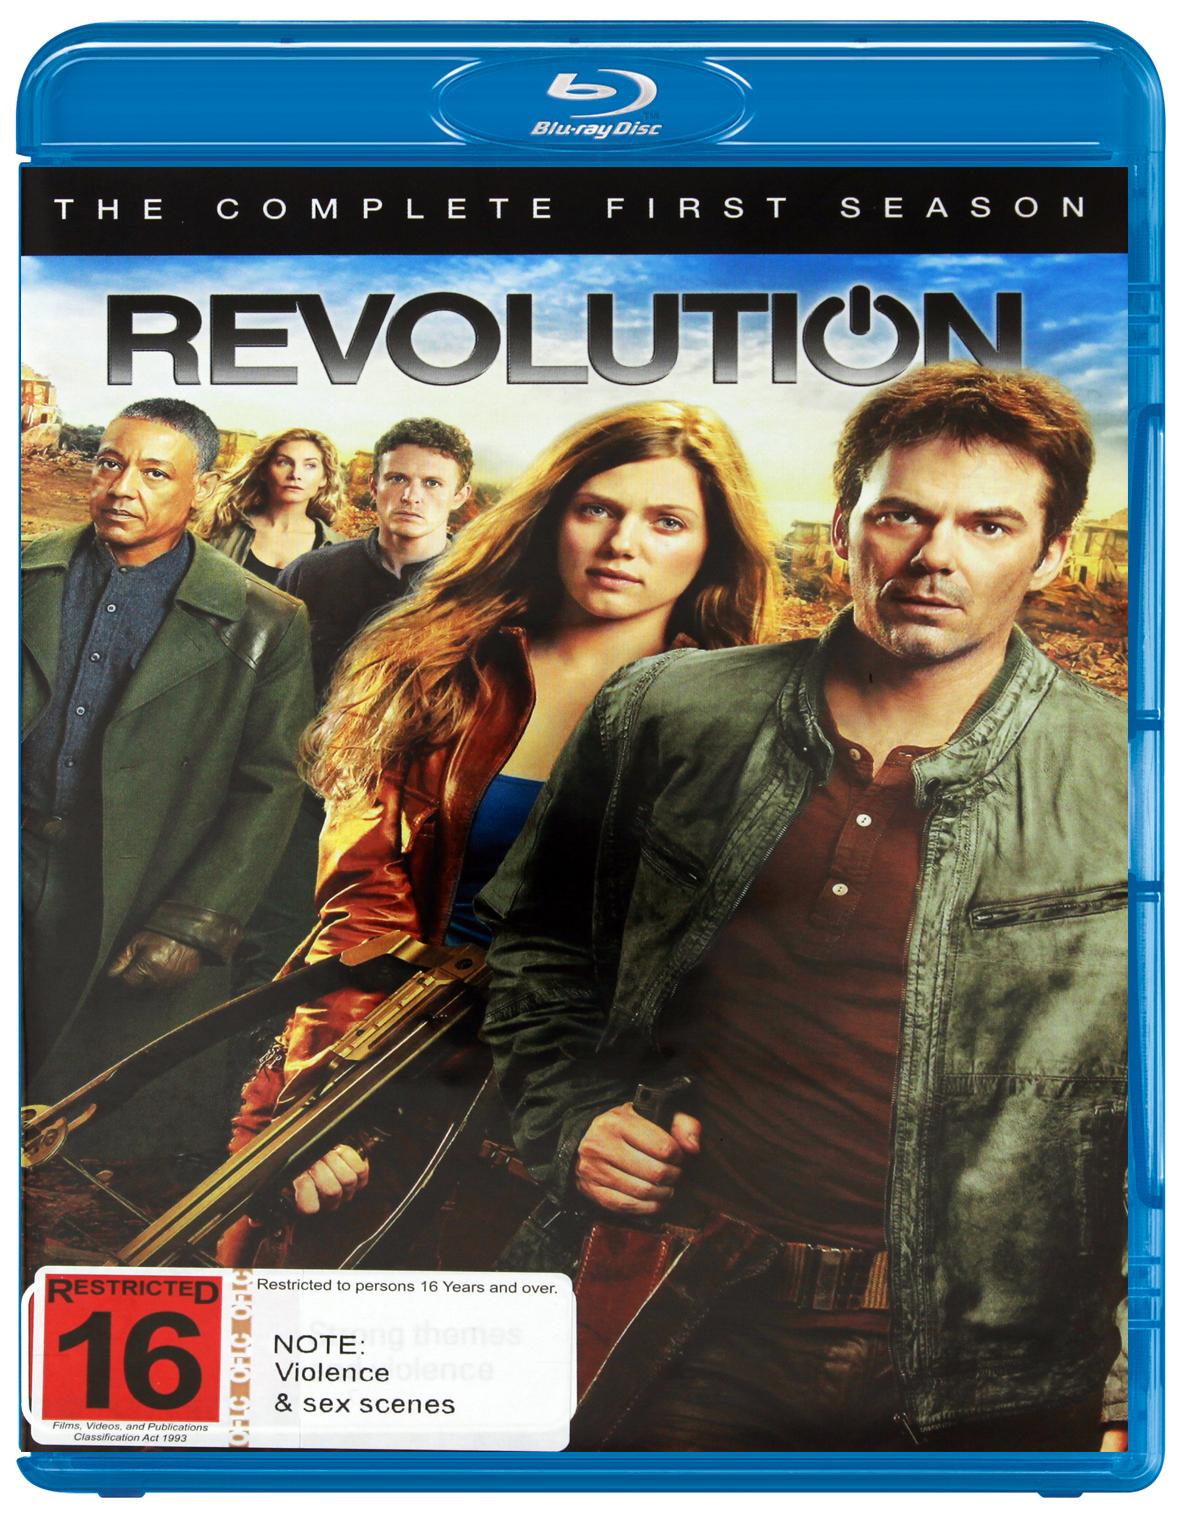 Revolution Season 1 image